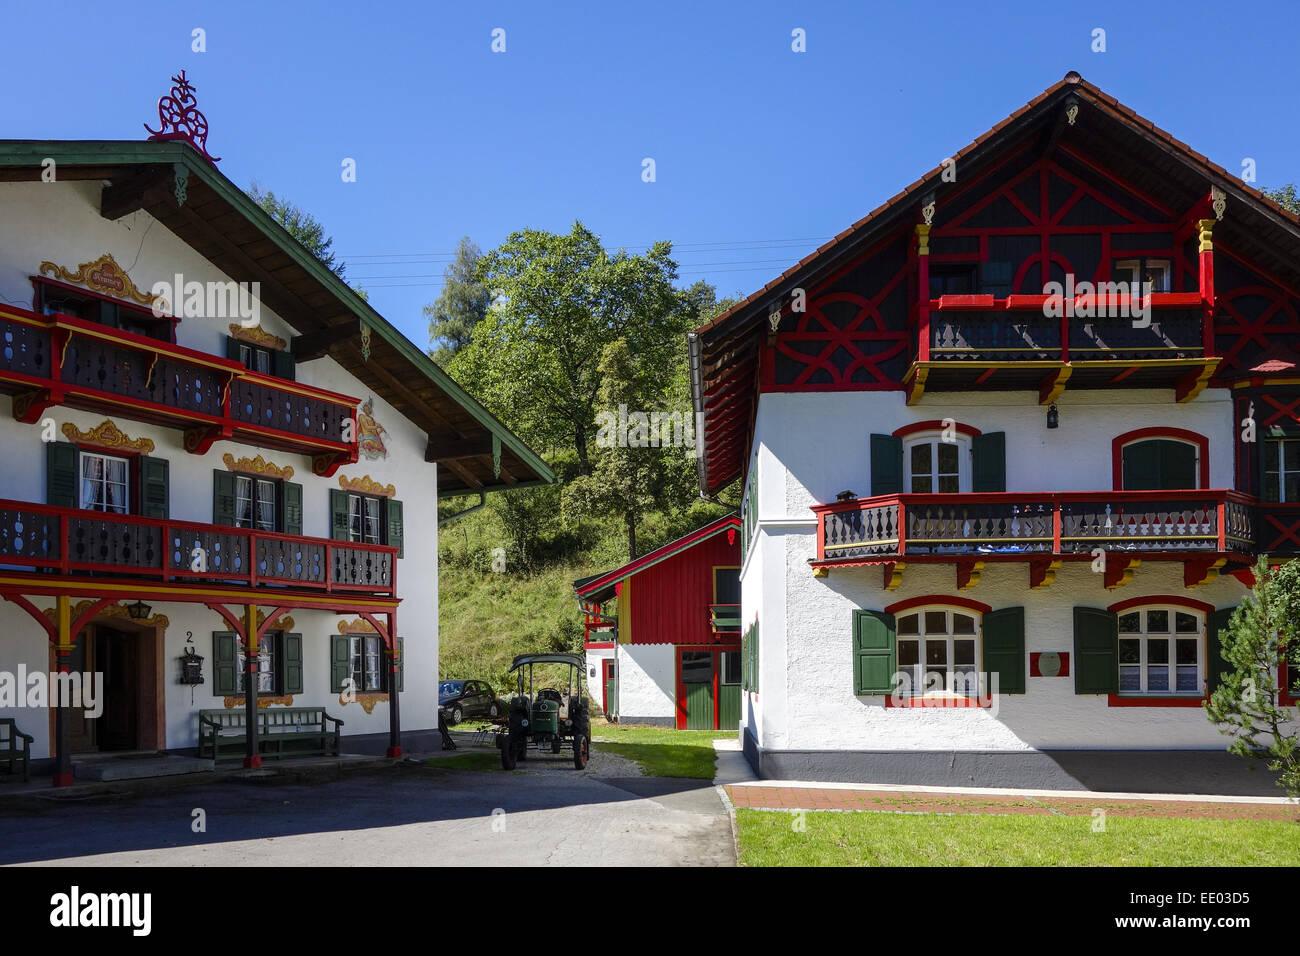 Bauernhaus Bayern kochel am see, kochelsee, bauernhaus, bayern, oberbayern stock photo